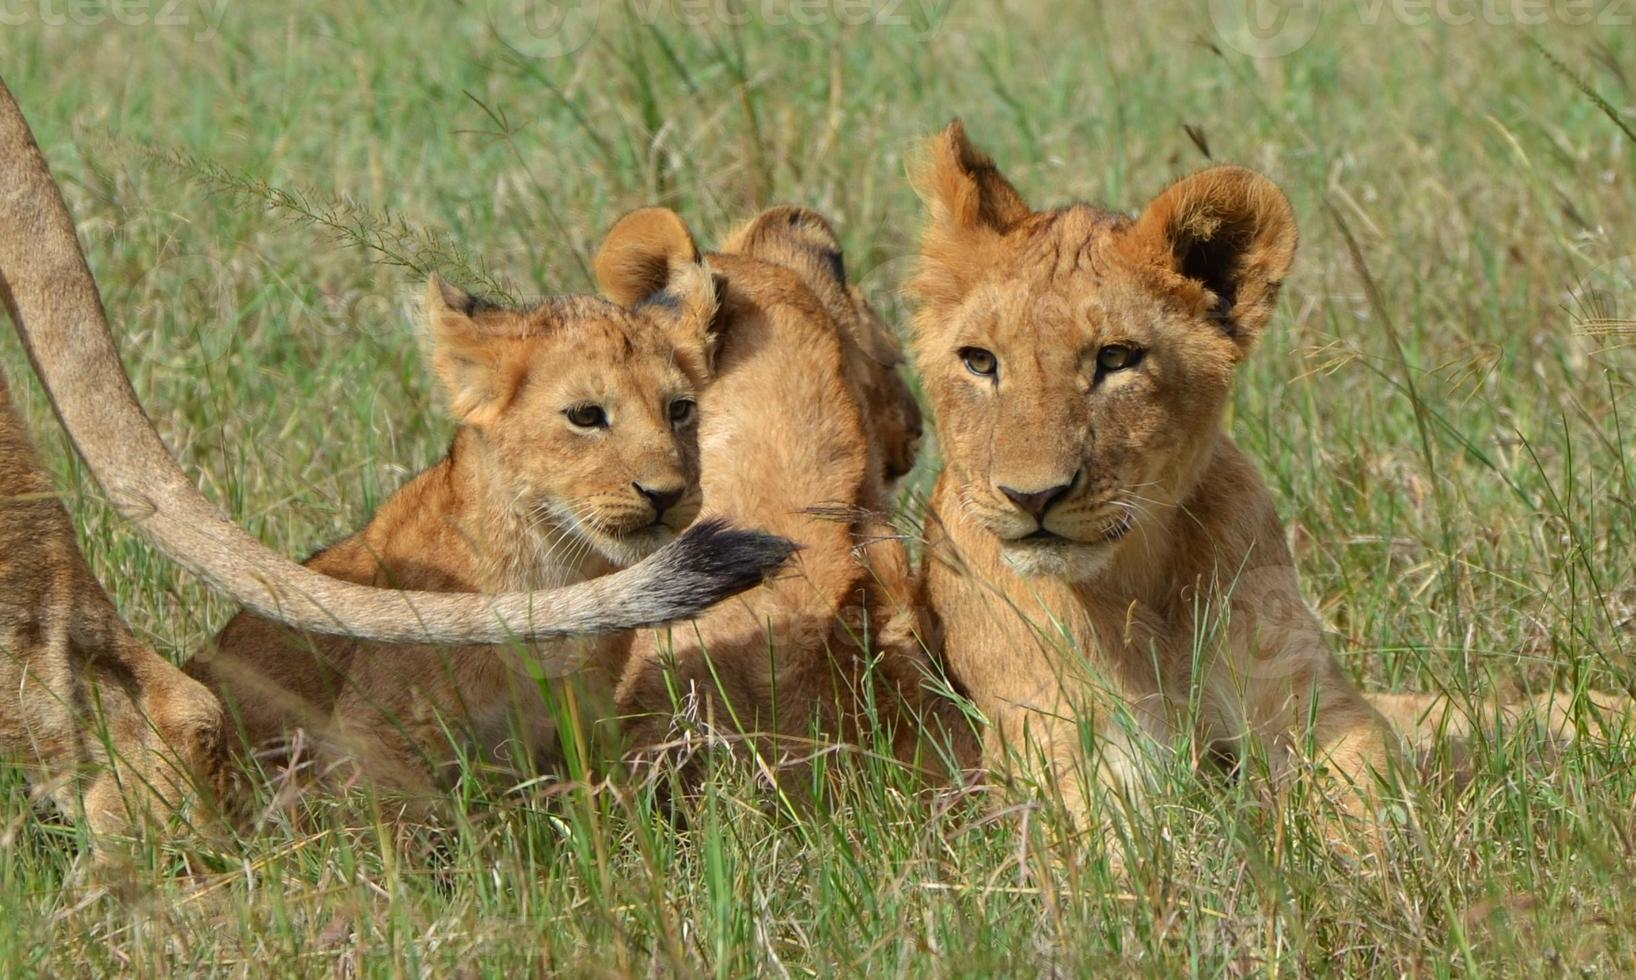 cuccioli di leone foto